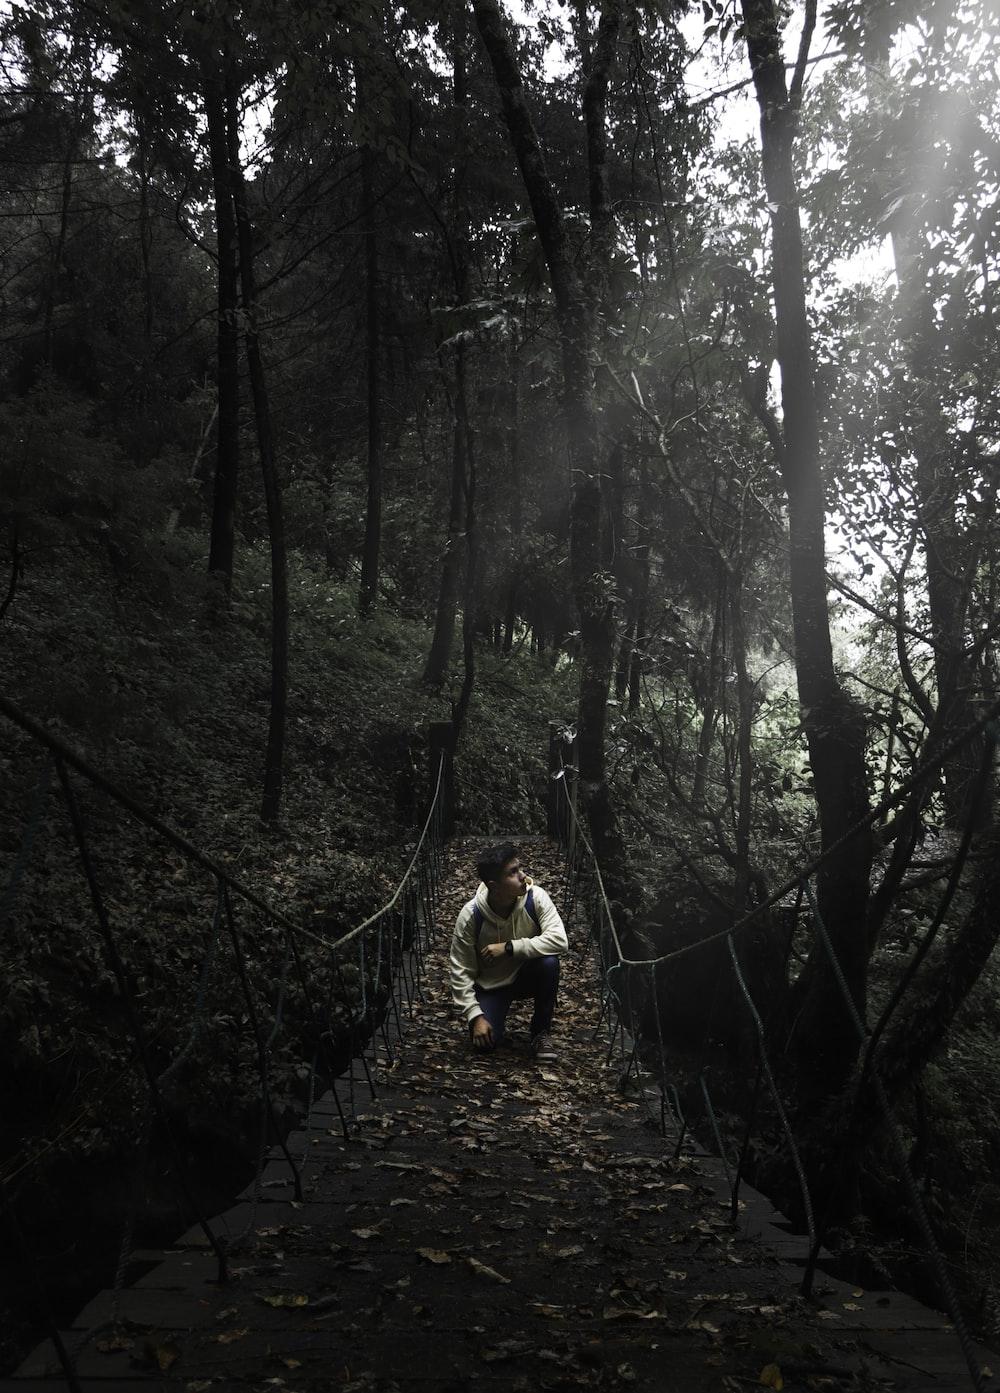 man wearing white dress shirt sitting on brown suspension bridge